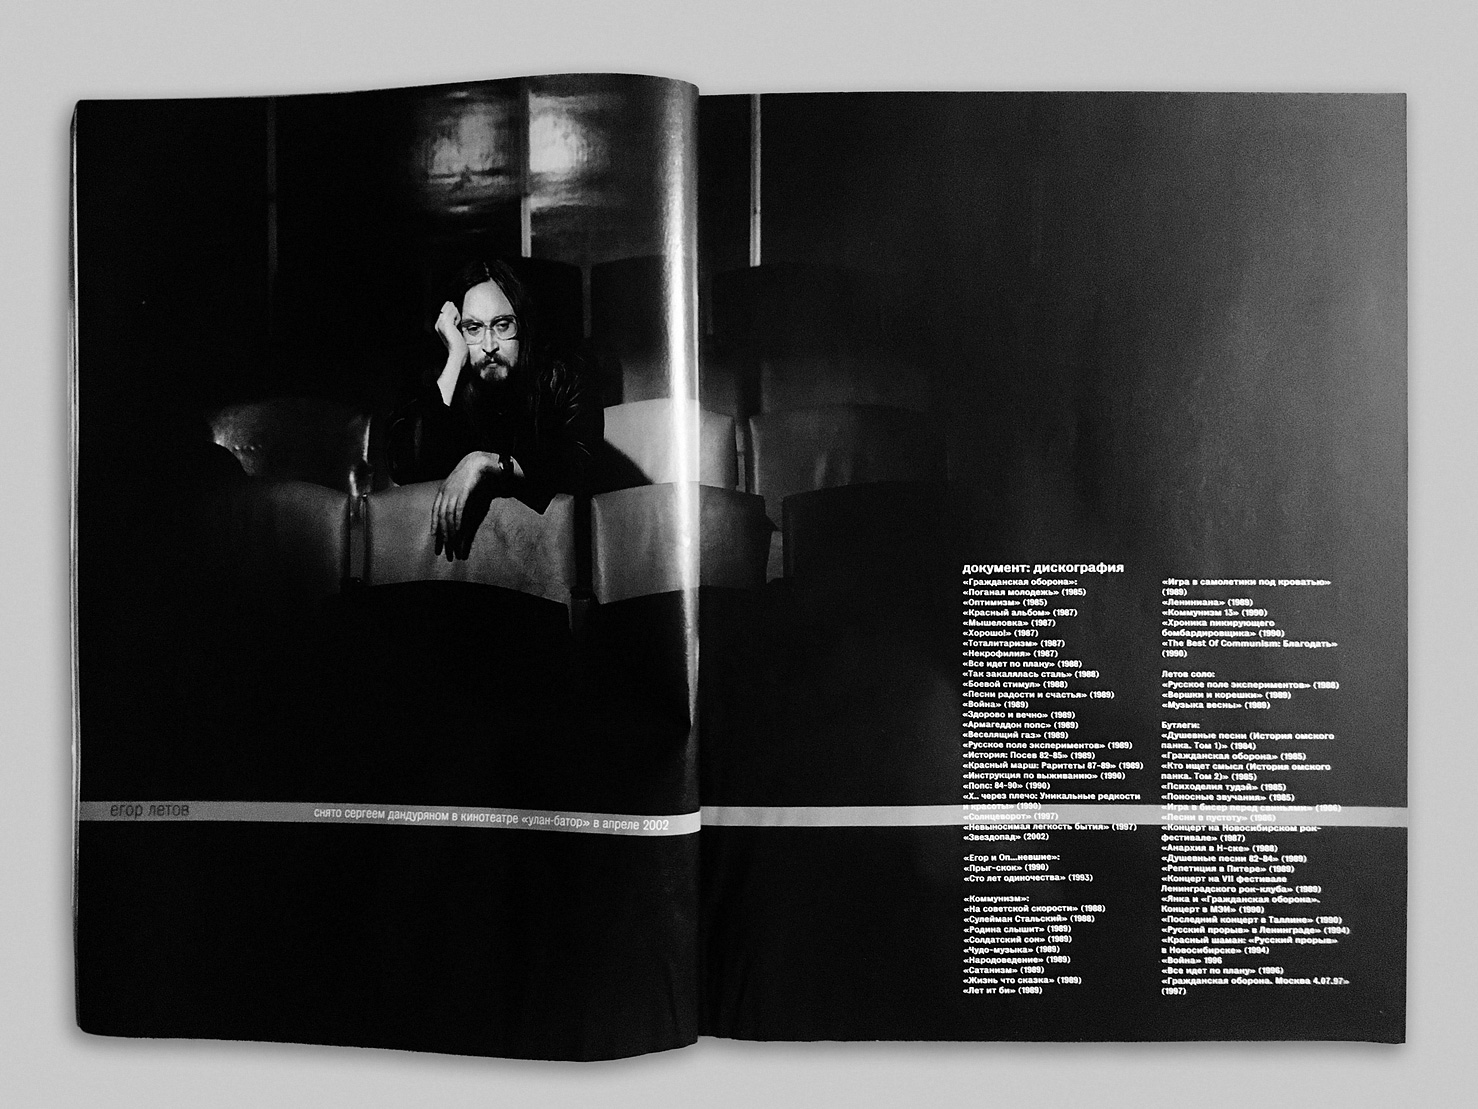 Фотография из книги «Значит, ураган. Егор Летов: опыт лирического исследования». Фотограф Сергей Дандурян